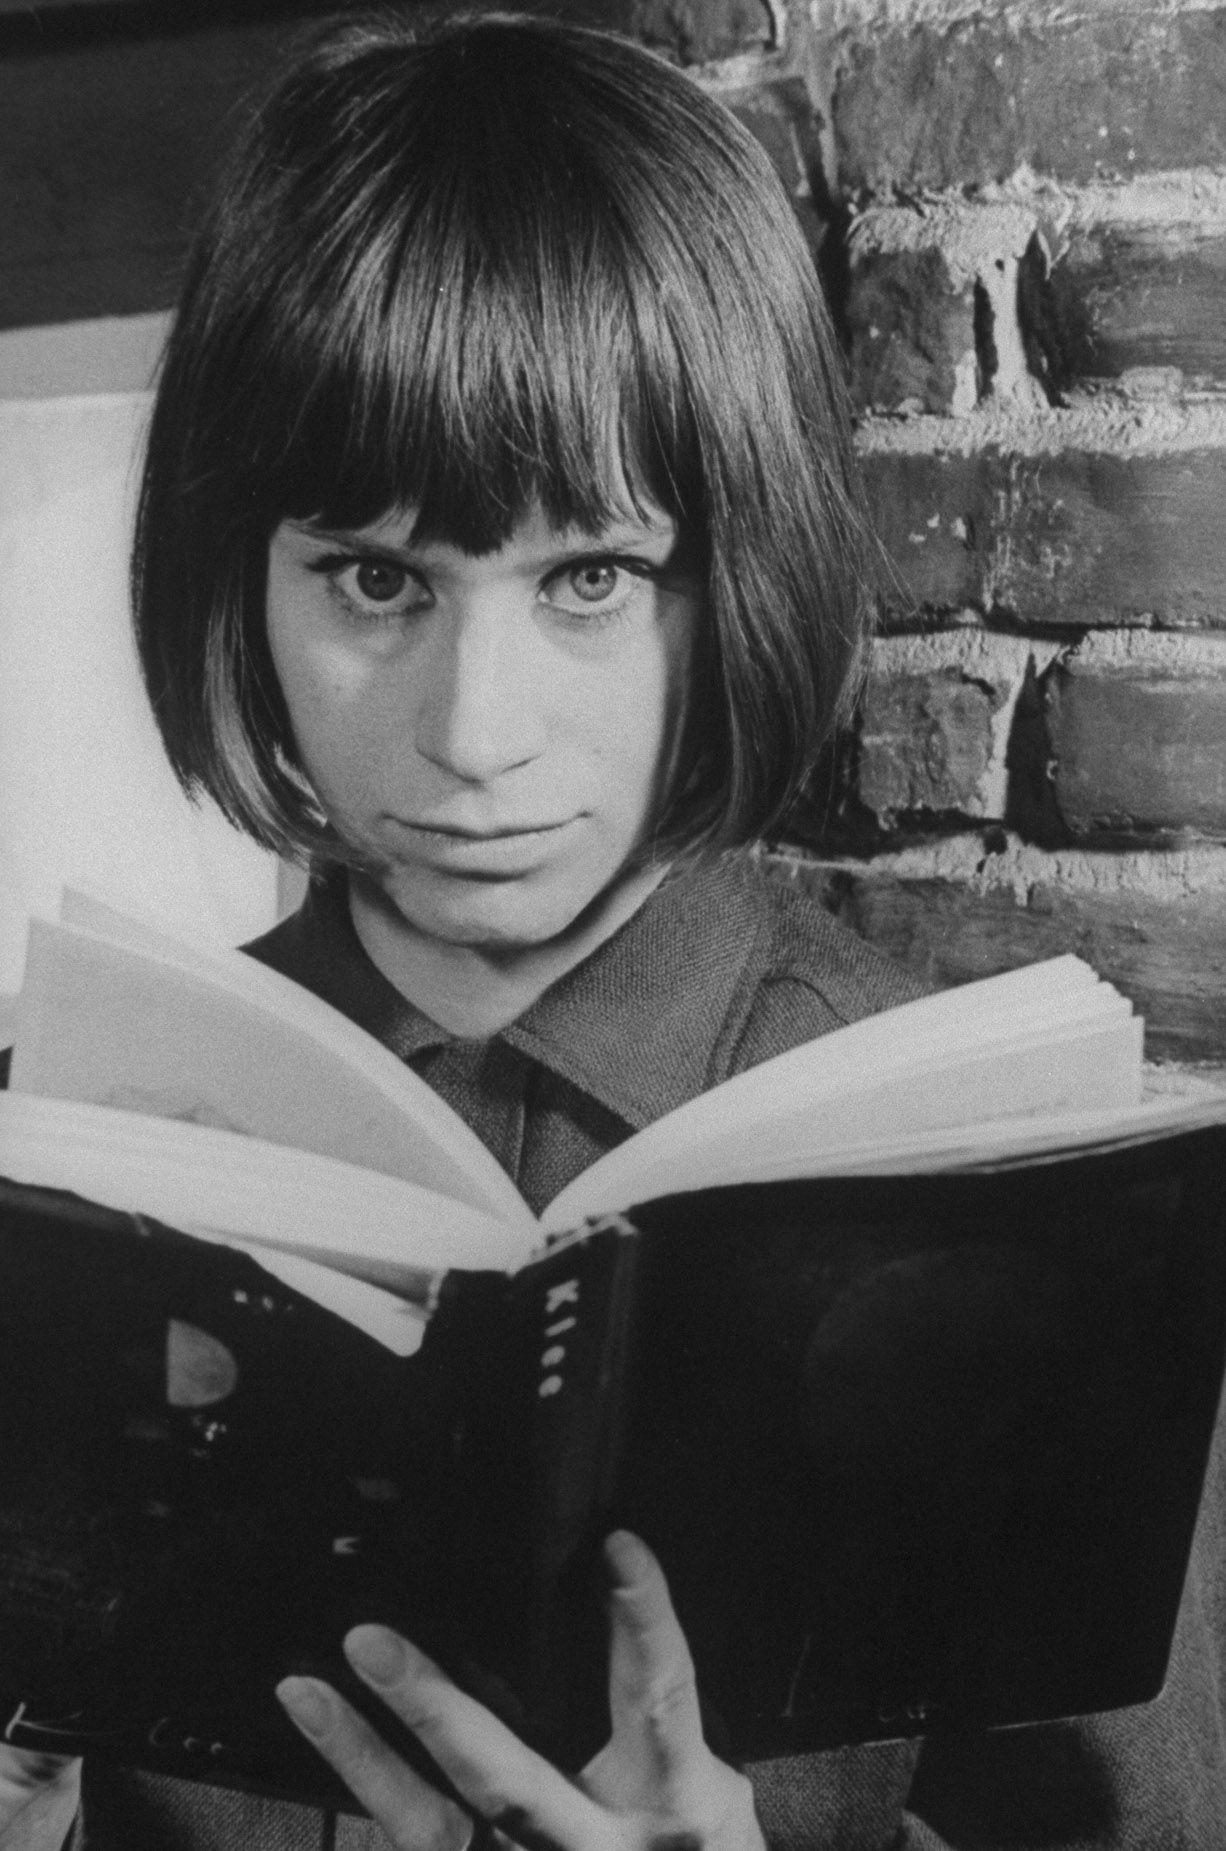 Rita Tushingham (born 1942)